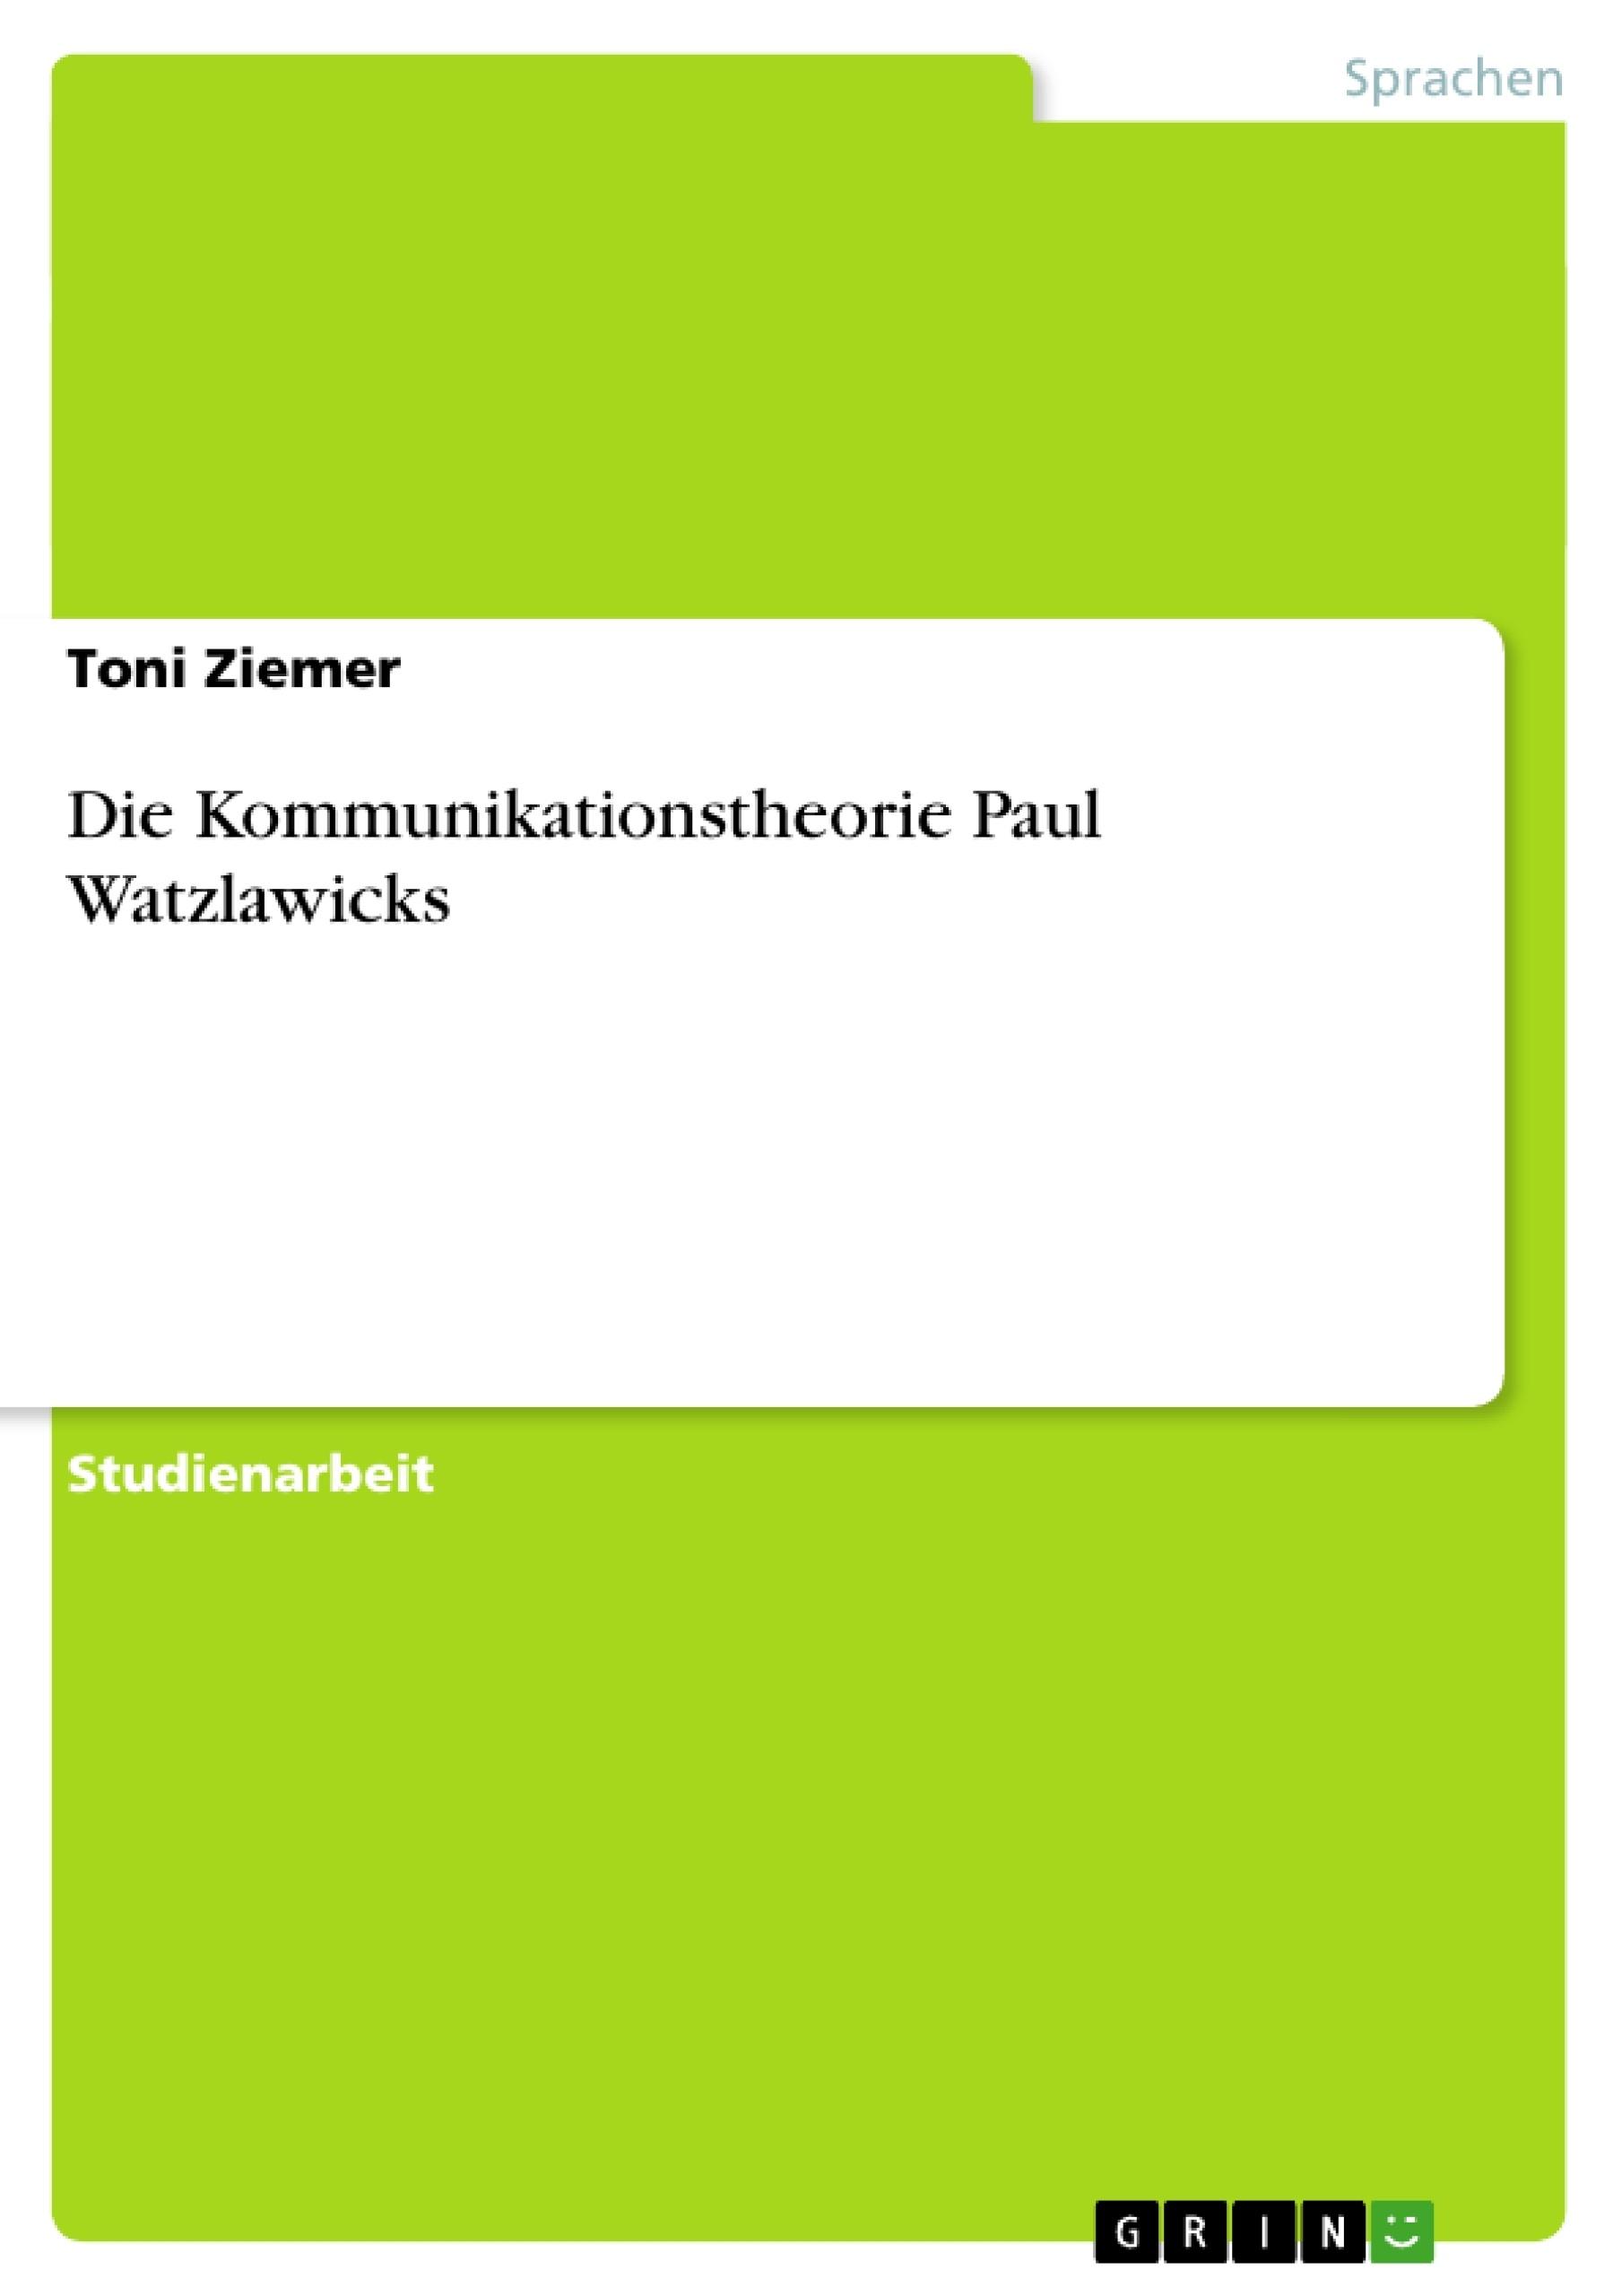 Titel: Die Kommunikationstheorie Paul Watzlawicks